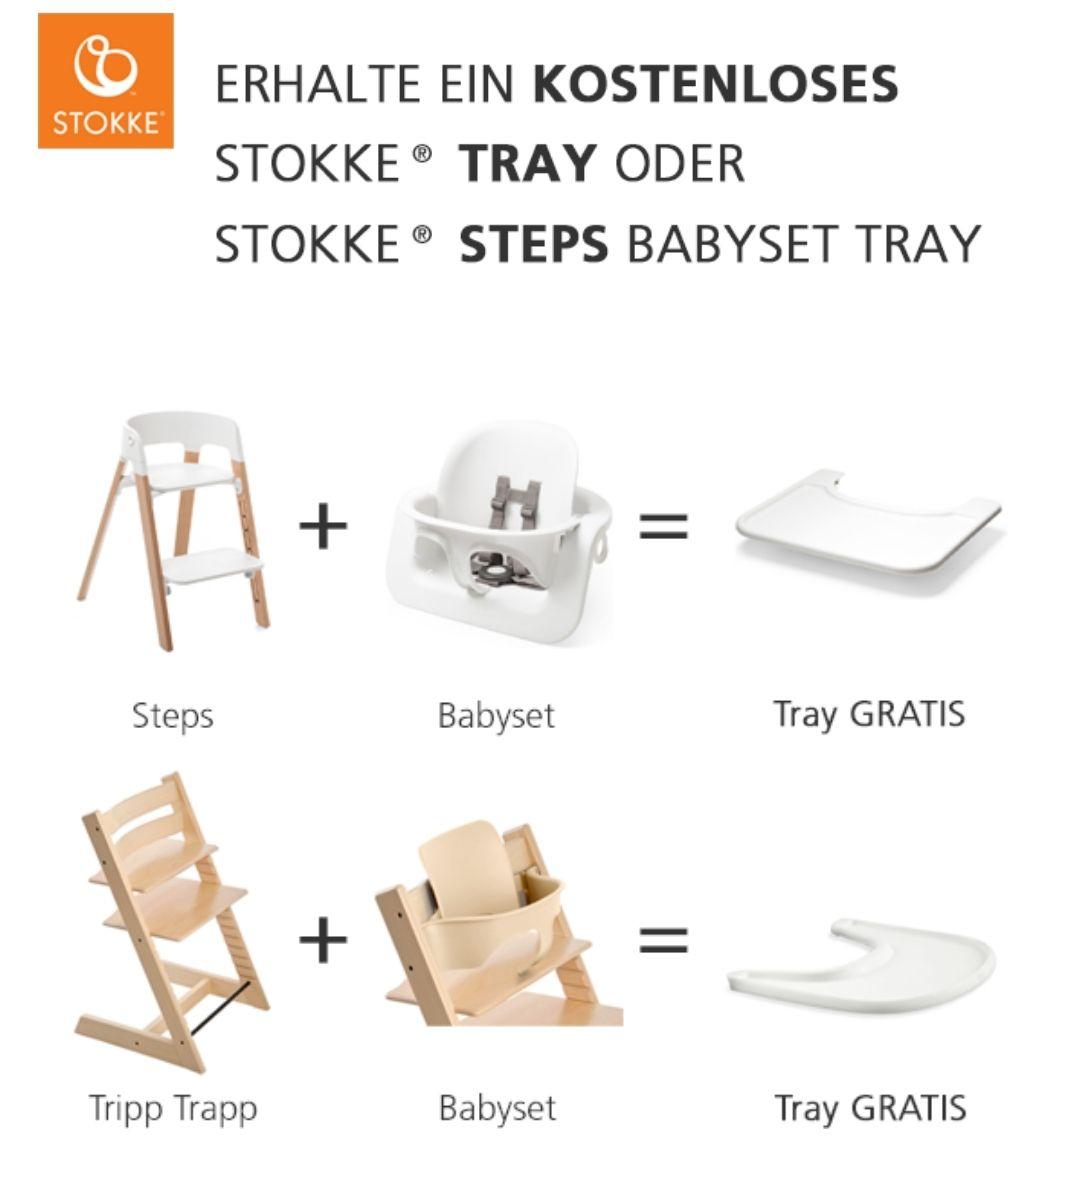 Skandic - Stokke Tripp Trapp und Babyset kaufen + einen Tray gratis dazu